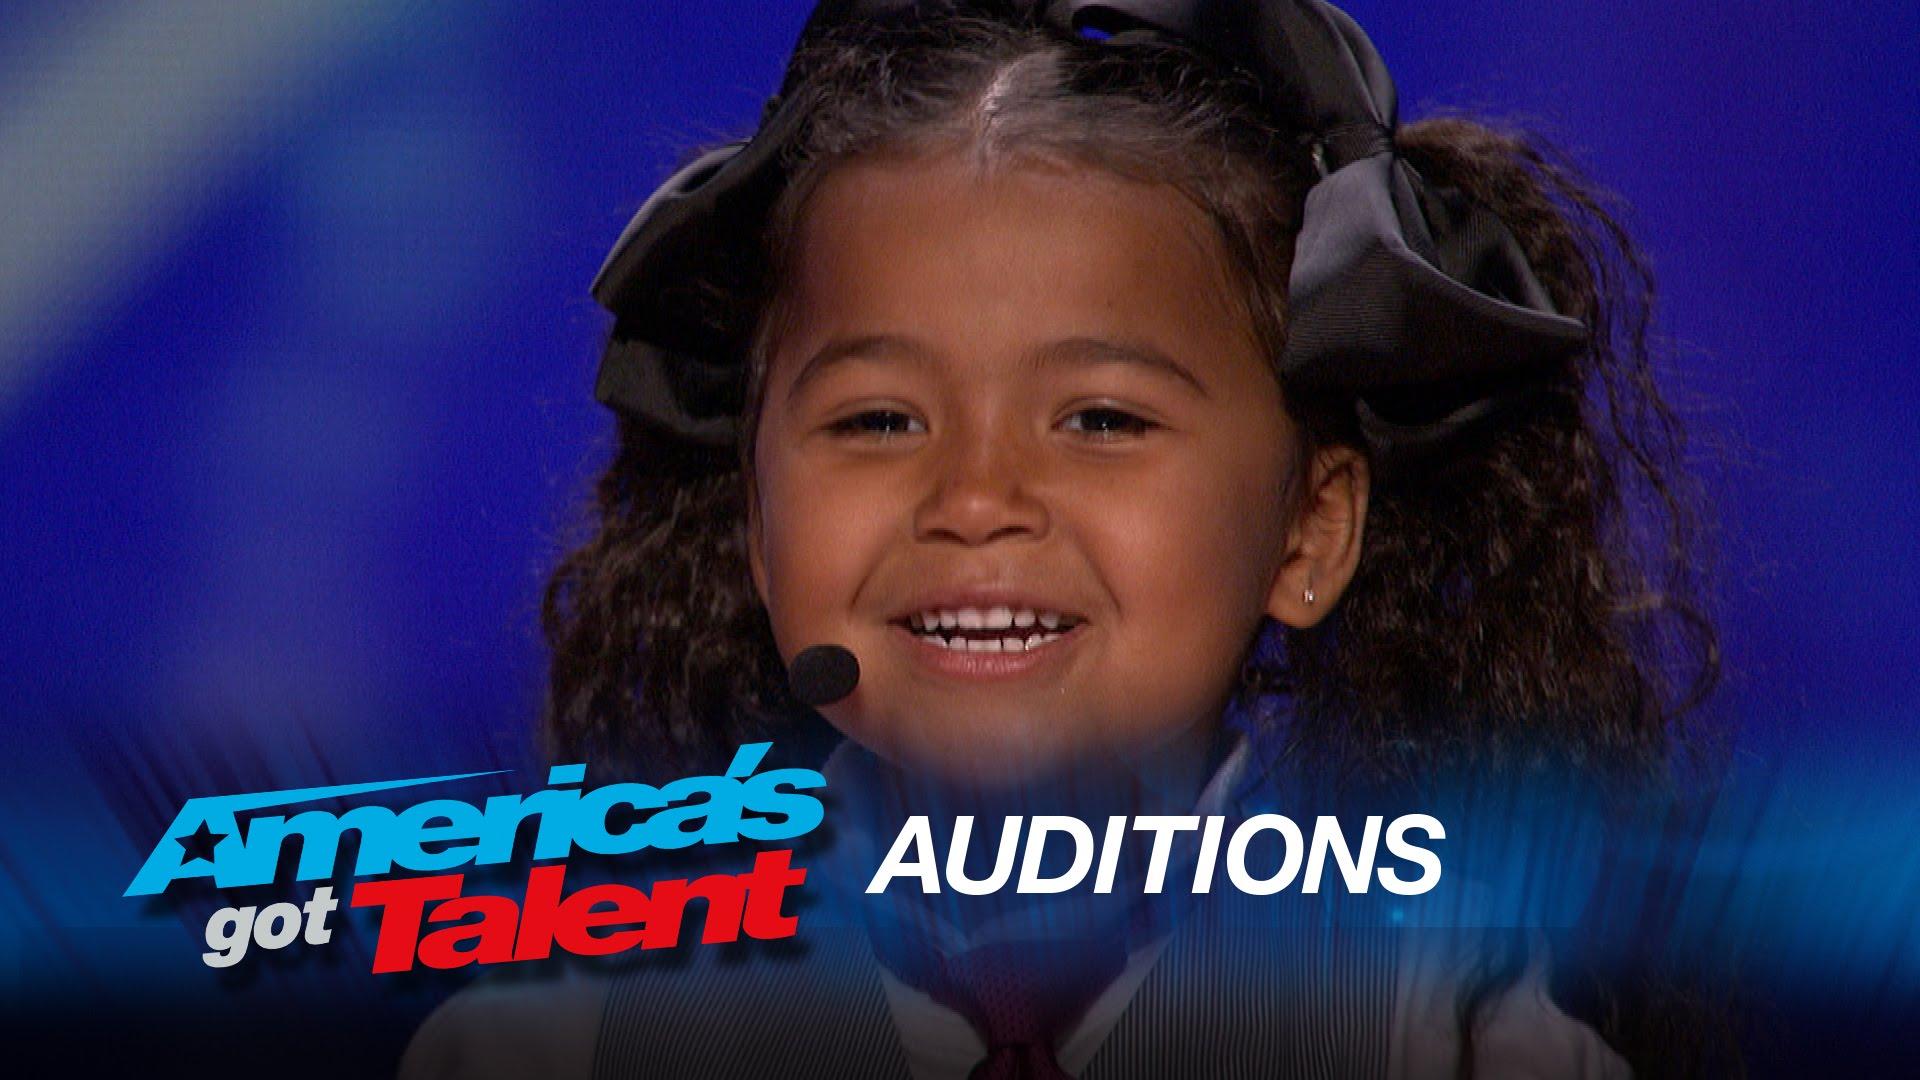 Podívejte se, jak to pětiletá holčička v talentové soutěži rozjela